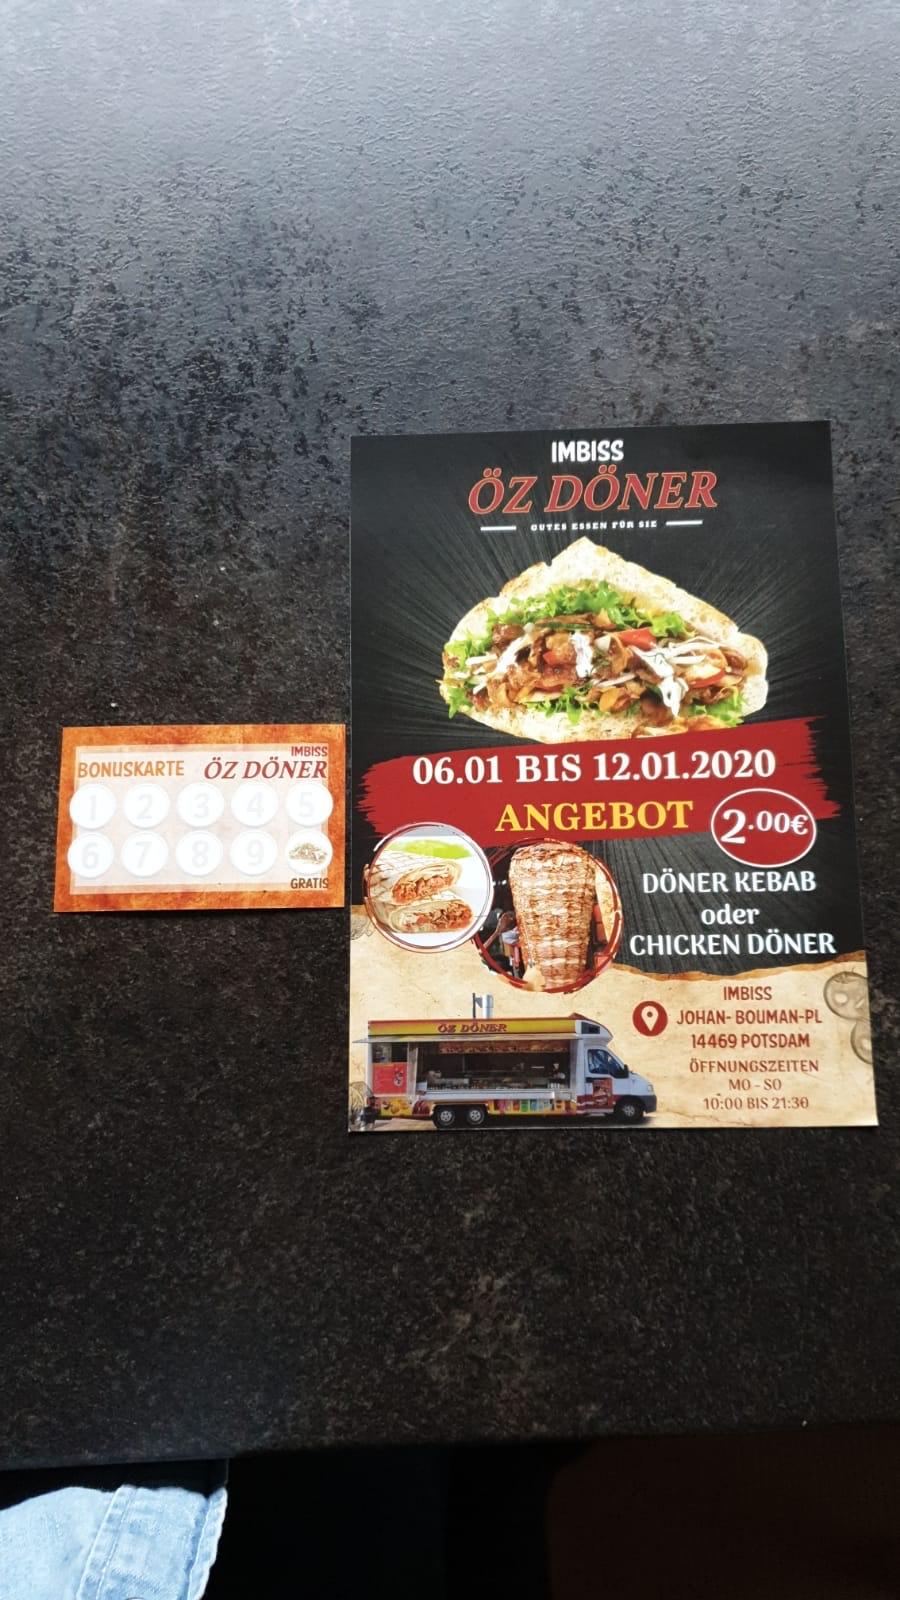 [Lokal Potsdam] Döner Kebab und Chicken Döner für 2,00€ vom 06.01. - 12.01.